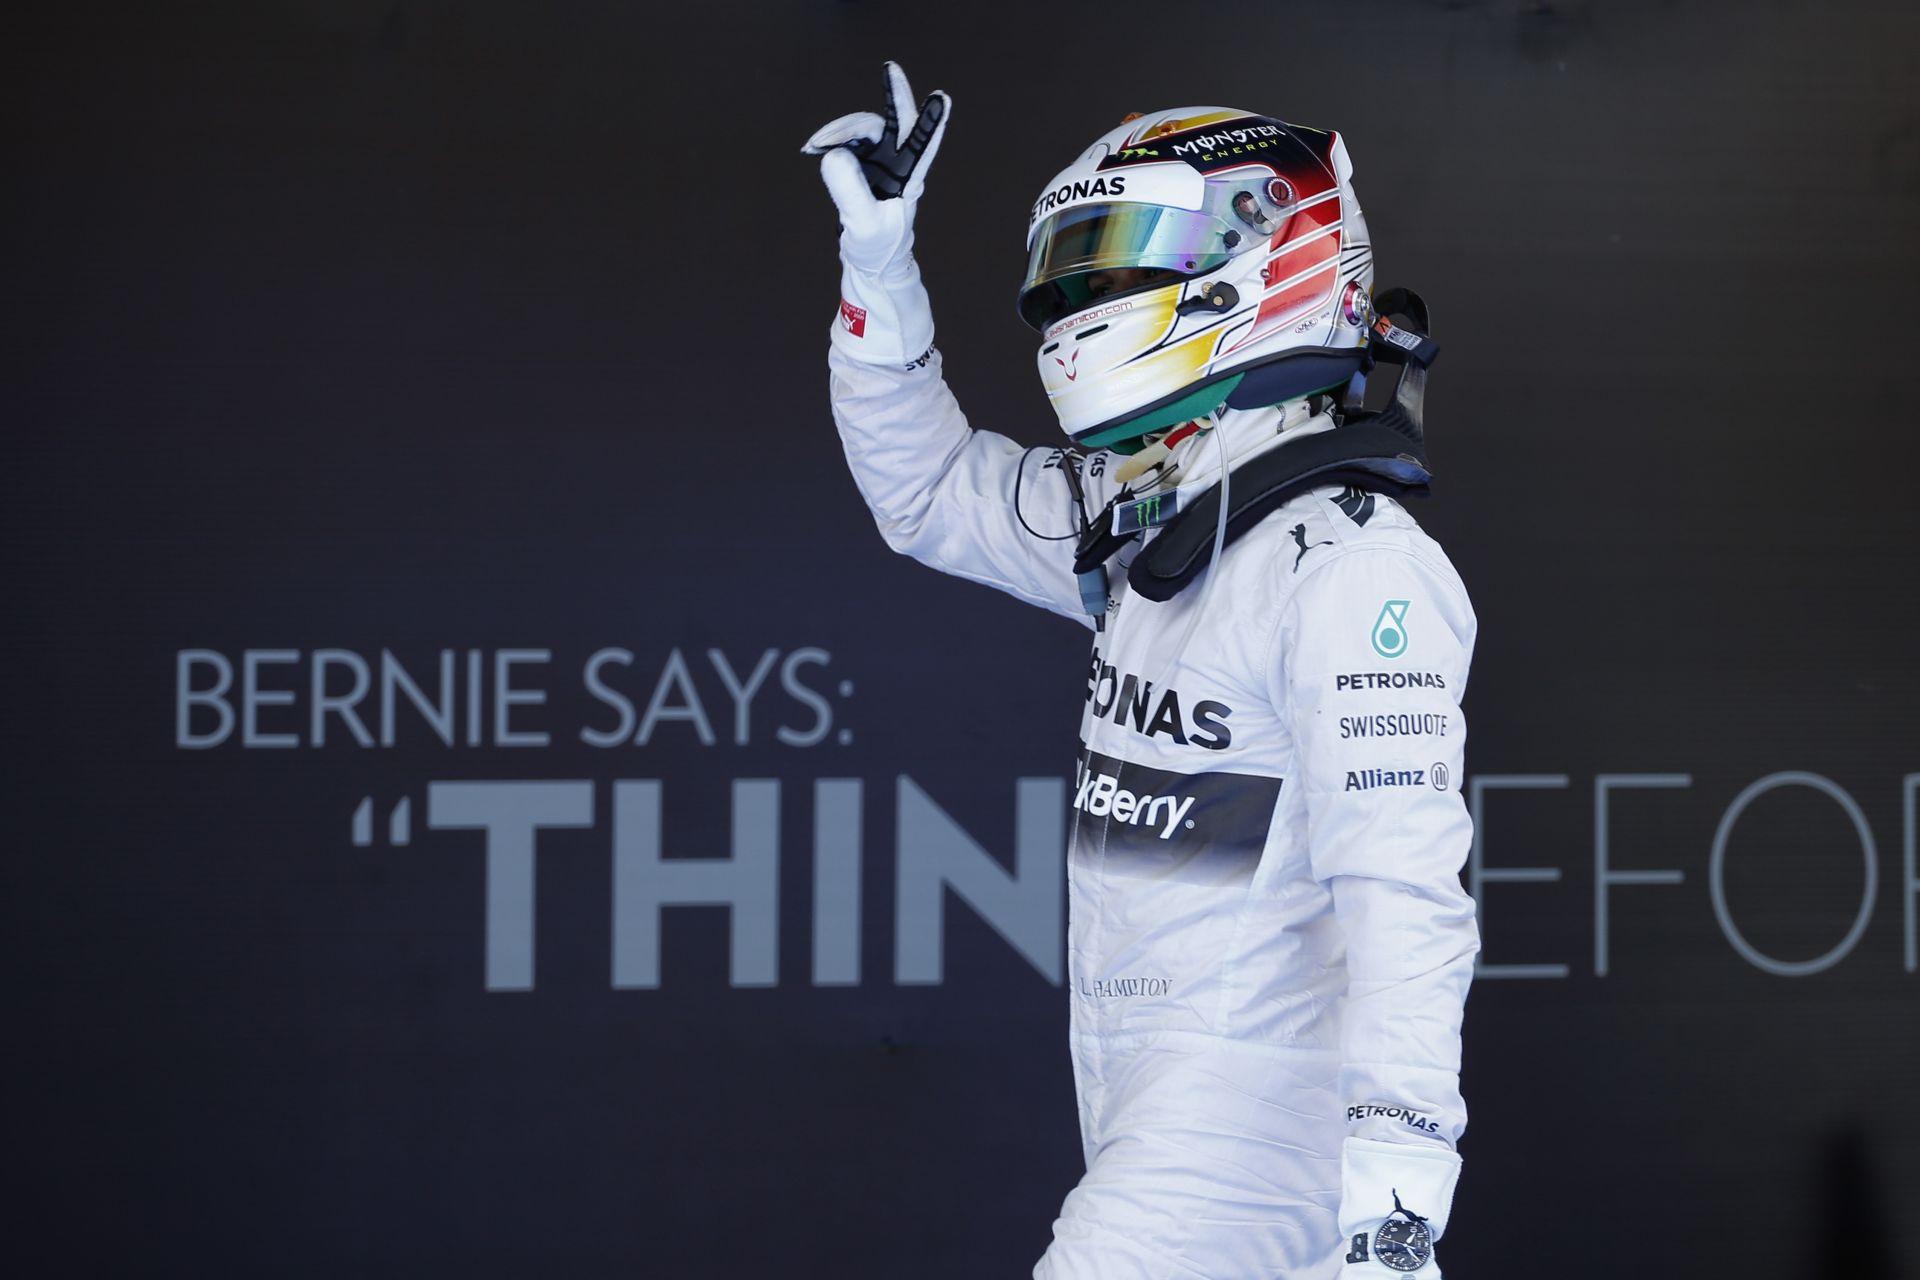 Damon Hill: Idén szinte lehetetlen lesz legyőzni Hamiltont, aki még nem mutatott meg mindent